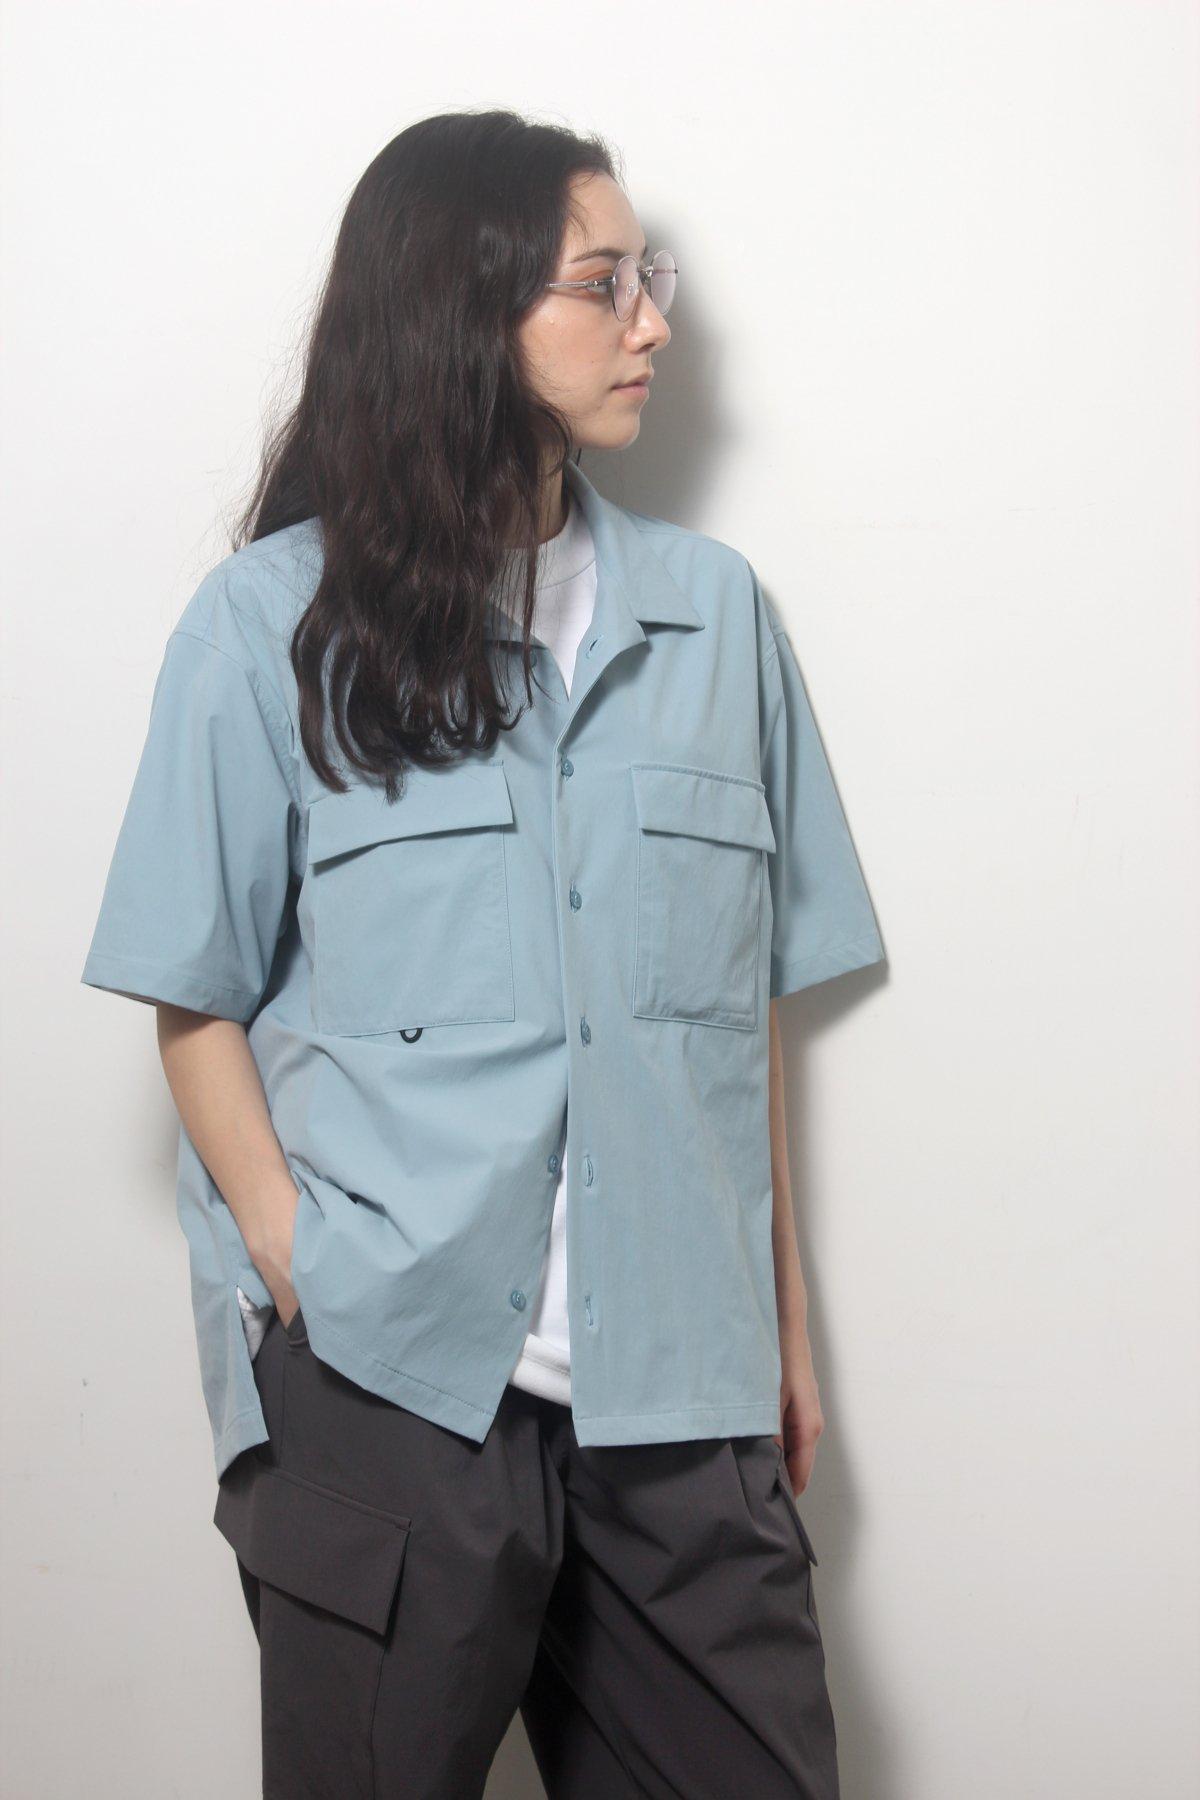 S/S W Pocket Shirts 詳細画像2